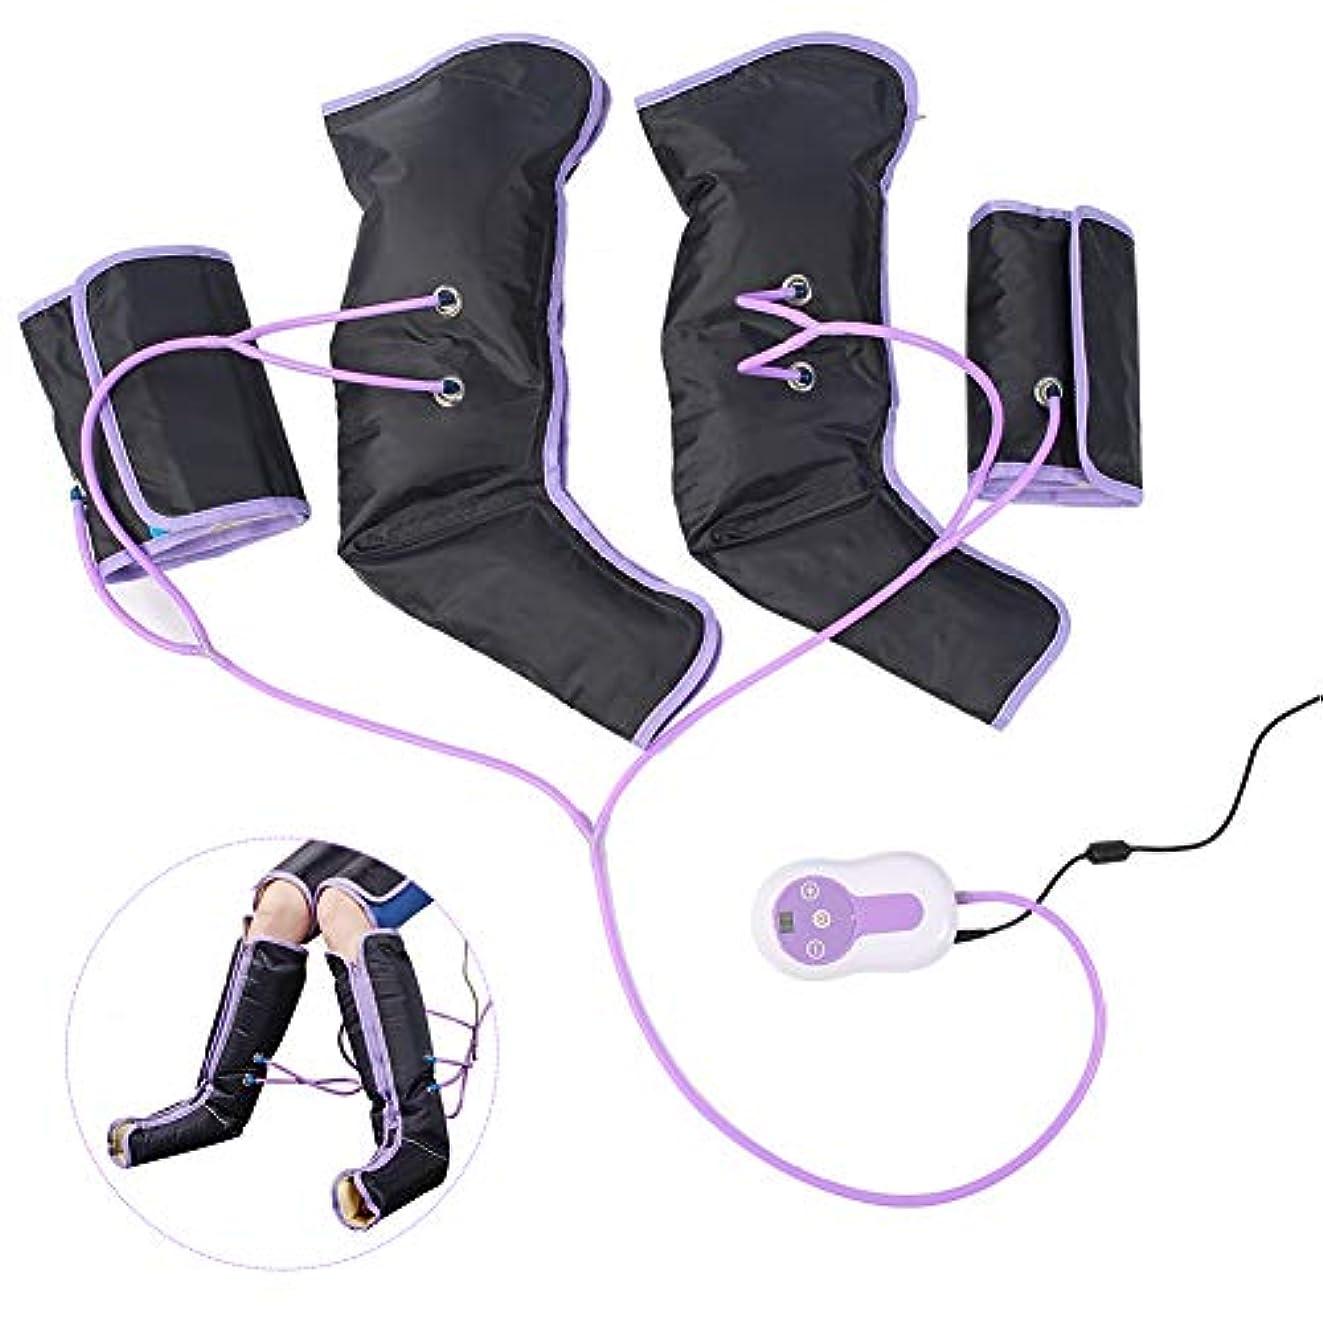 宿泊施設酒放送足の空気圧縮マッサージャー、足とふくらはぎの痛みを軽減するためのハンドヘルドコントローラーとラップ、電気循環脚ラップ、循環を改善し、筋肉をリラックス(US-PLUG)